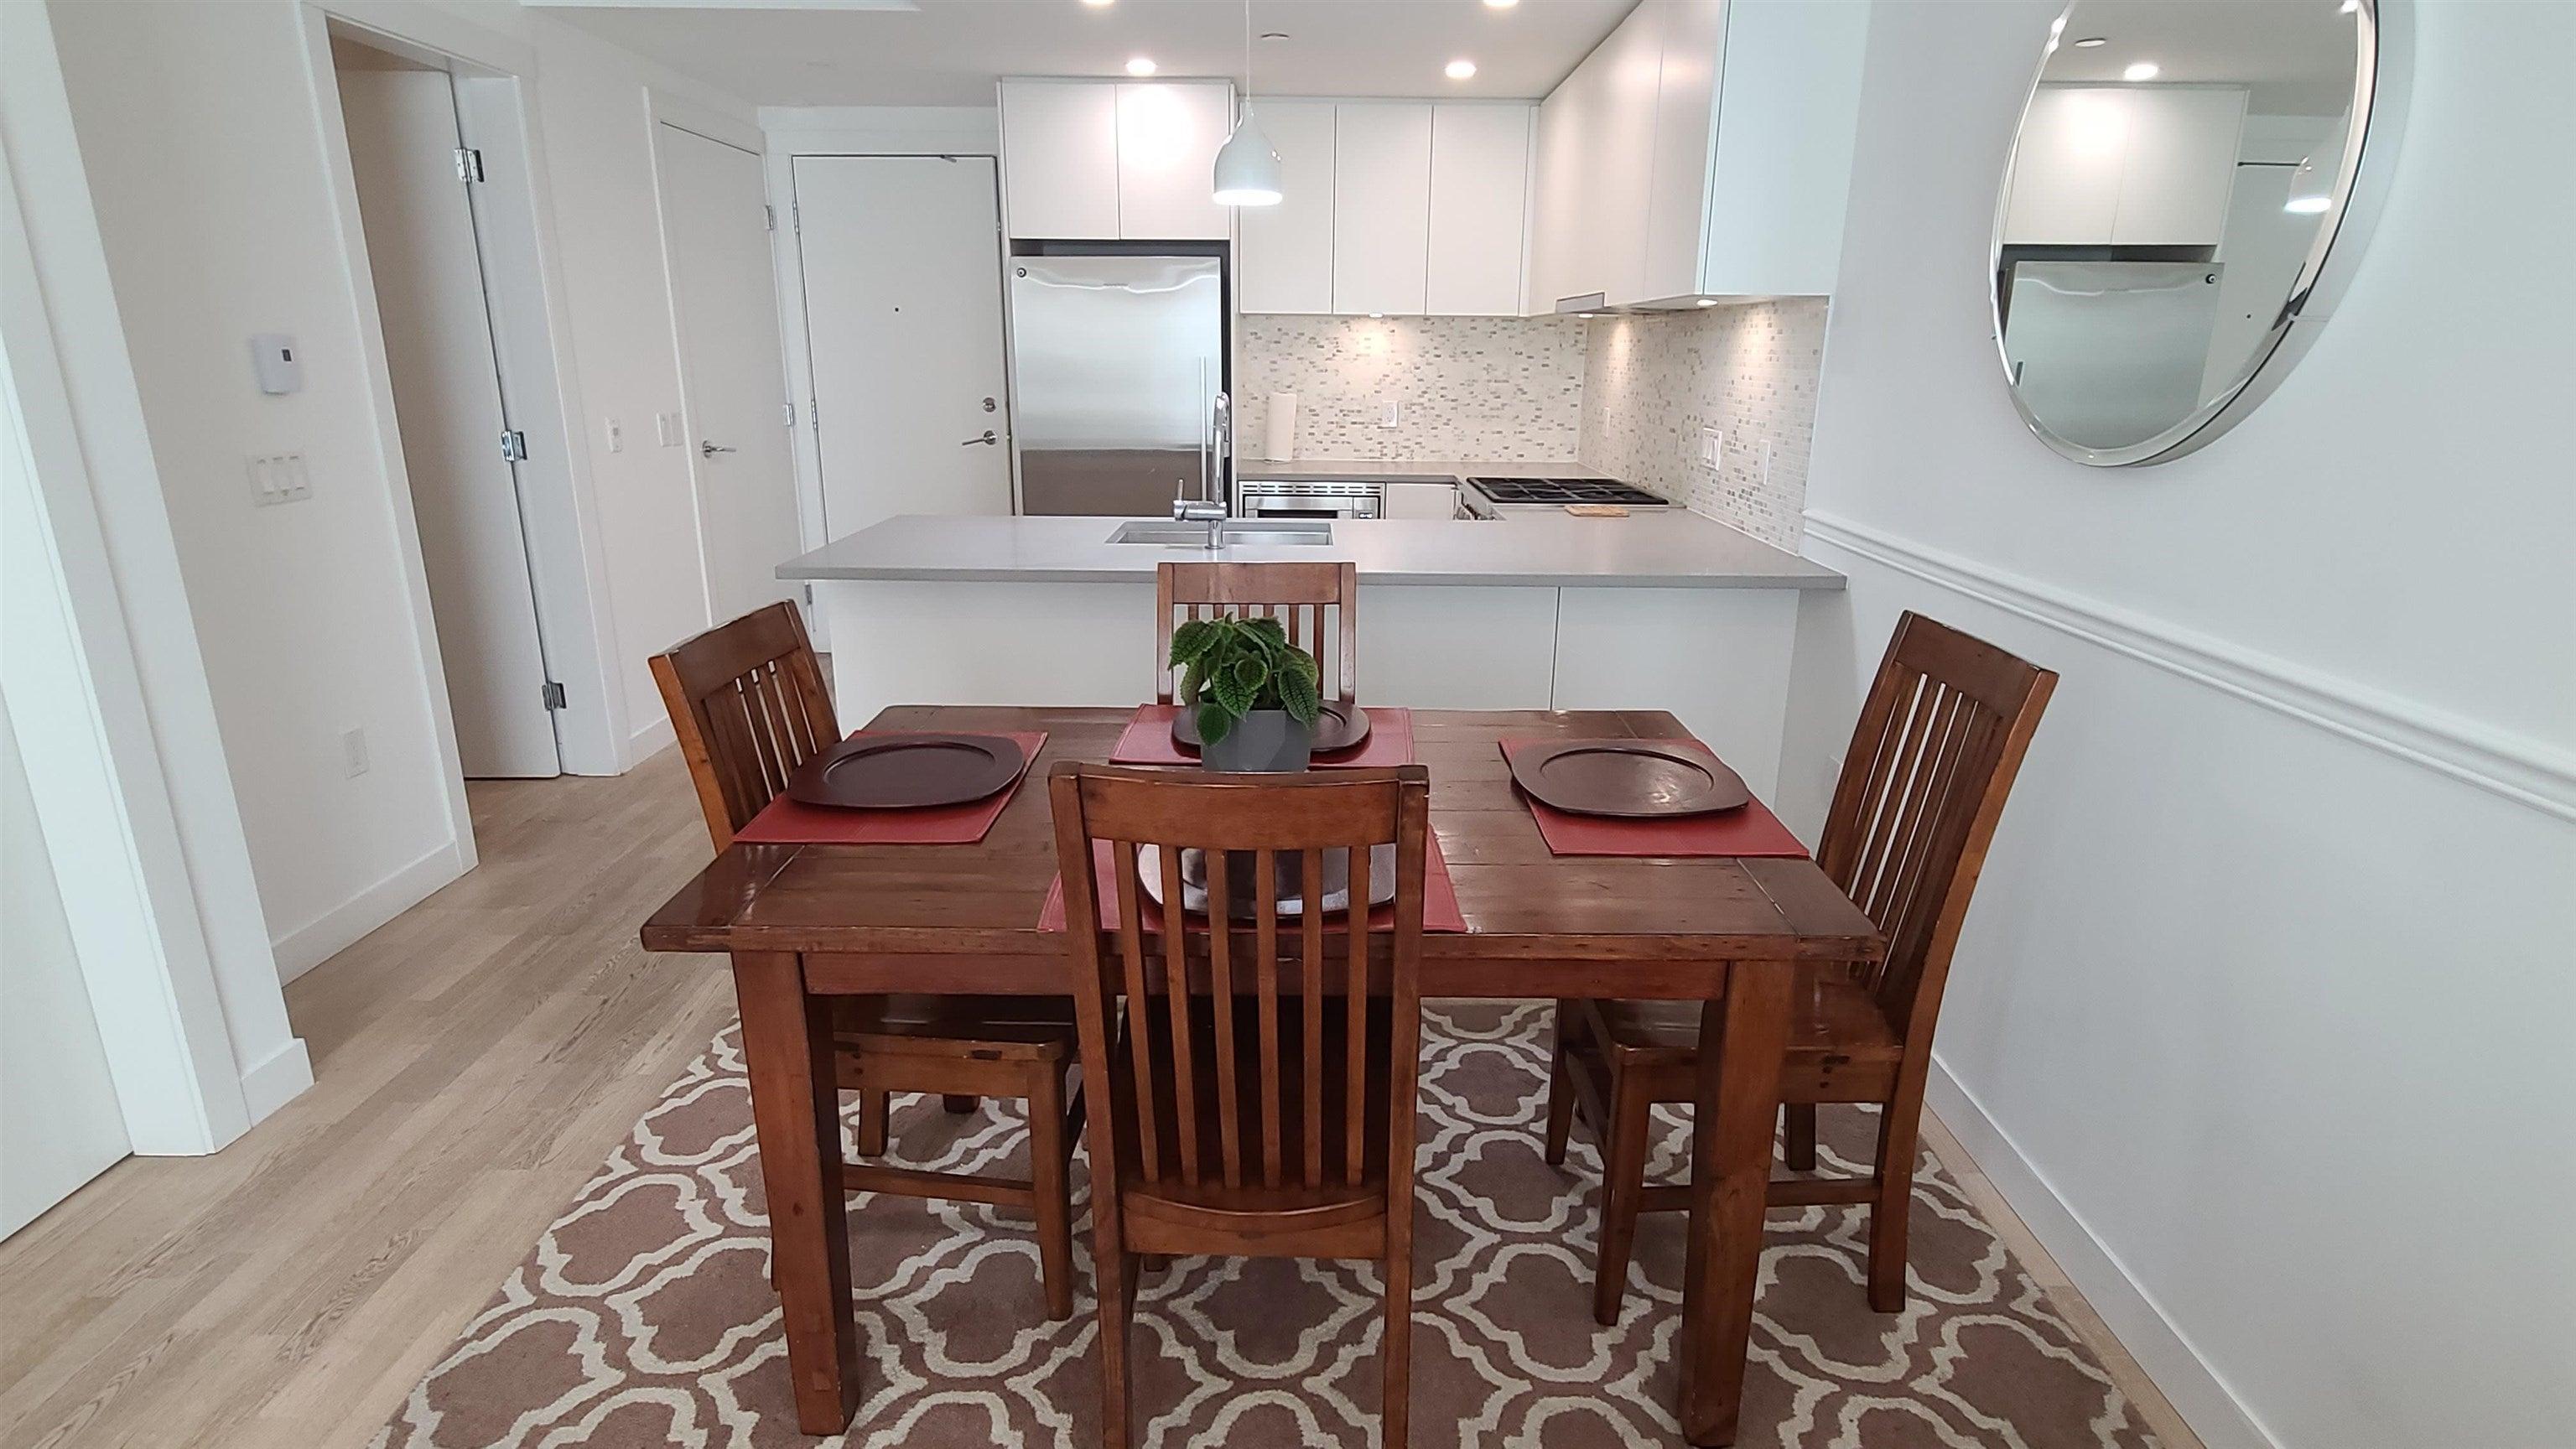 202 188 E 32ND AVENUE - Main Apartment/Condo for sale, 1 Bedroom (R2617668) - #1